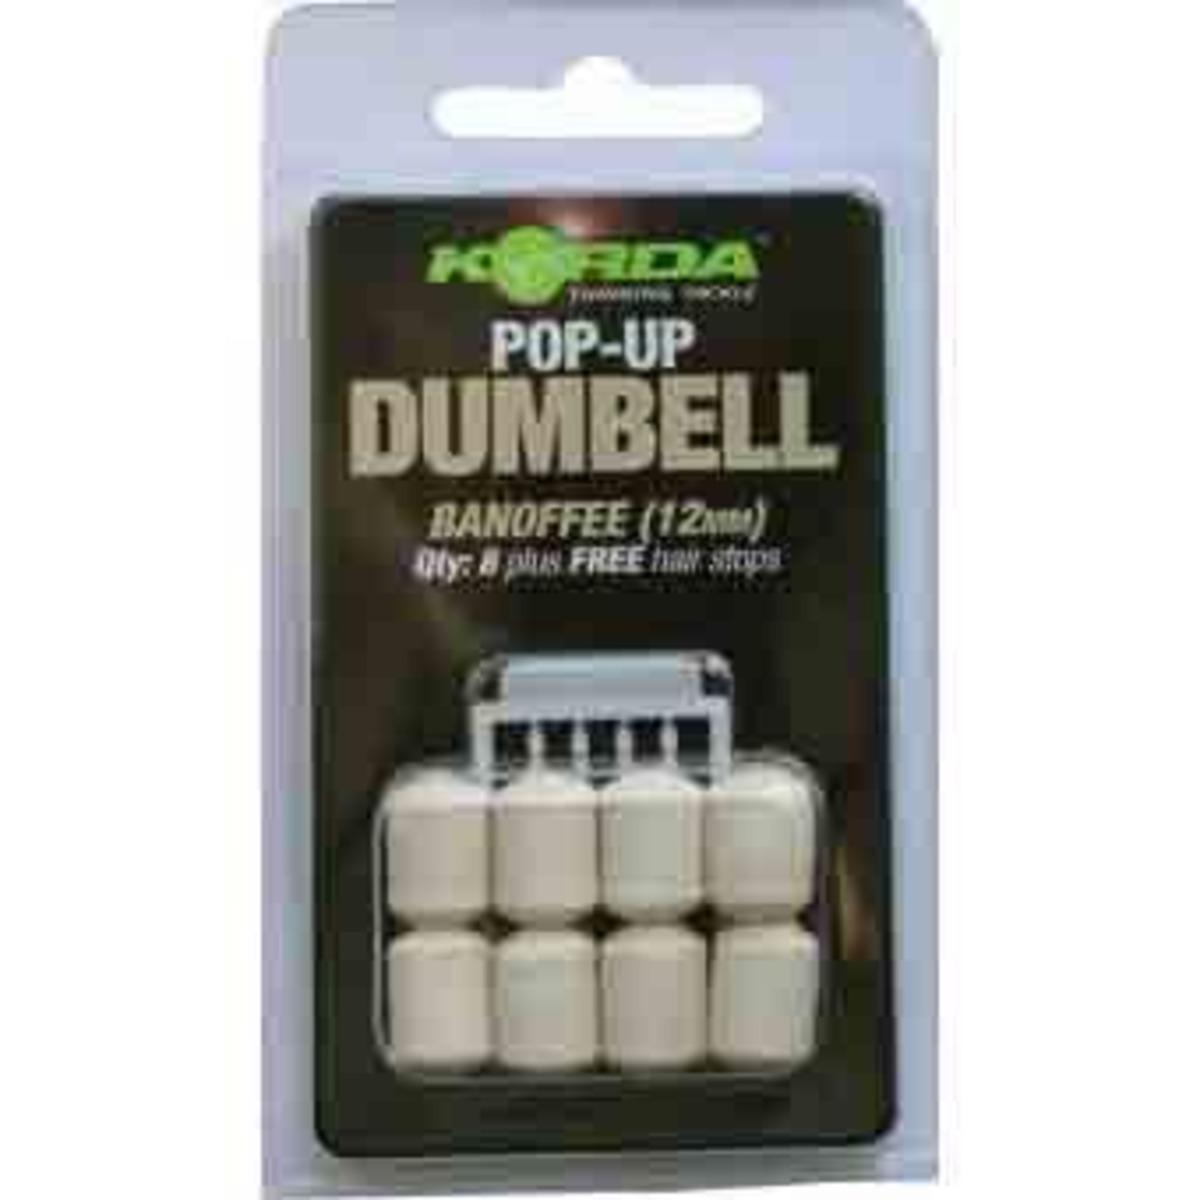 Korda Pop Up Dumbell - Banoffee 16 mm